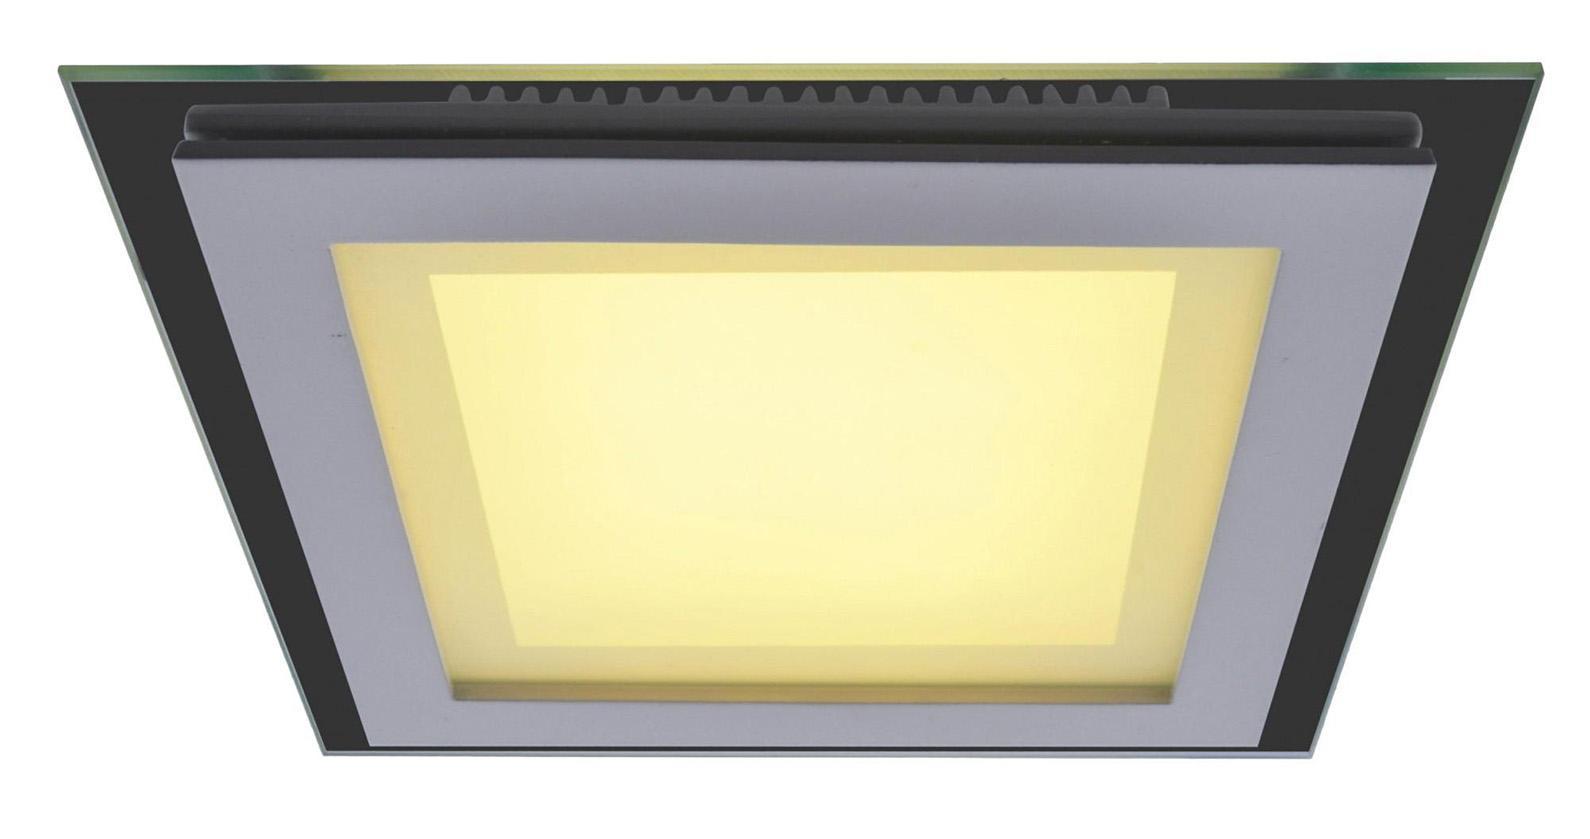 Светильник встраиваемый Arte lamp A4012pl-1wh arte lamp встраиваемый светодиодный светильник arte lamp cardani a1212pl 1wh